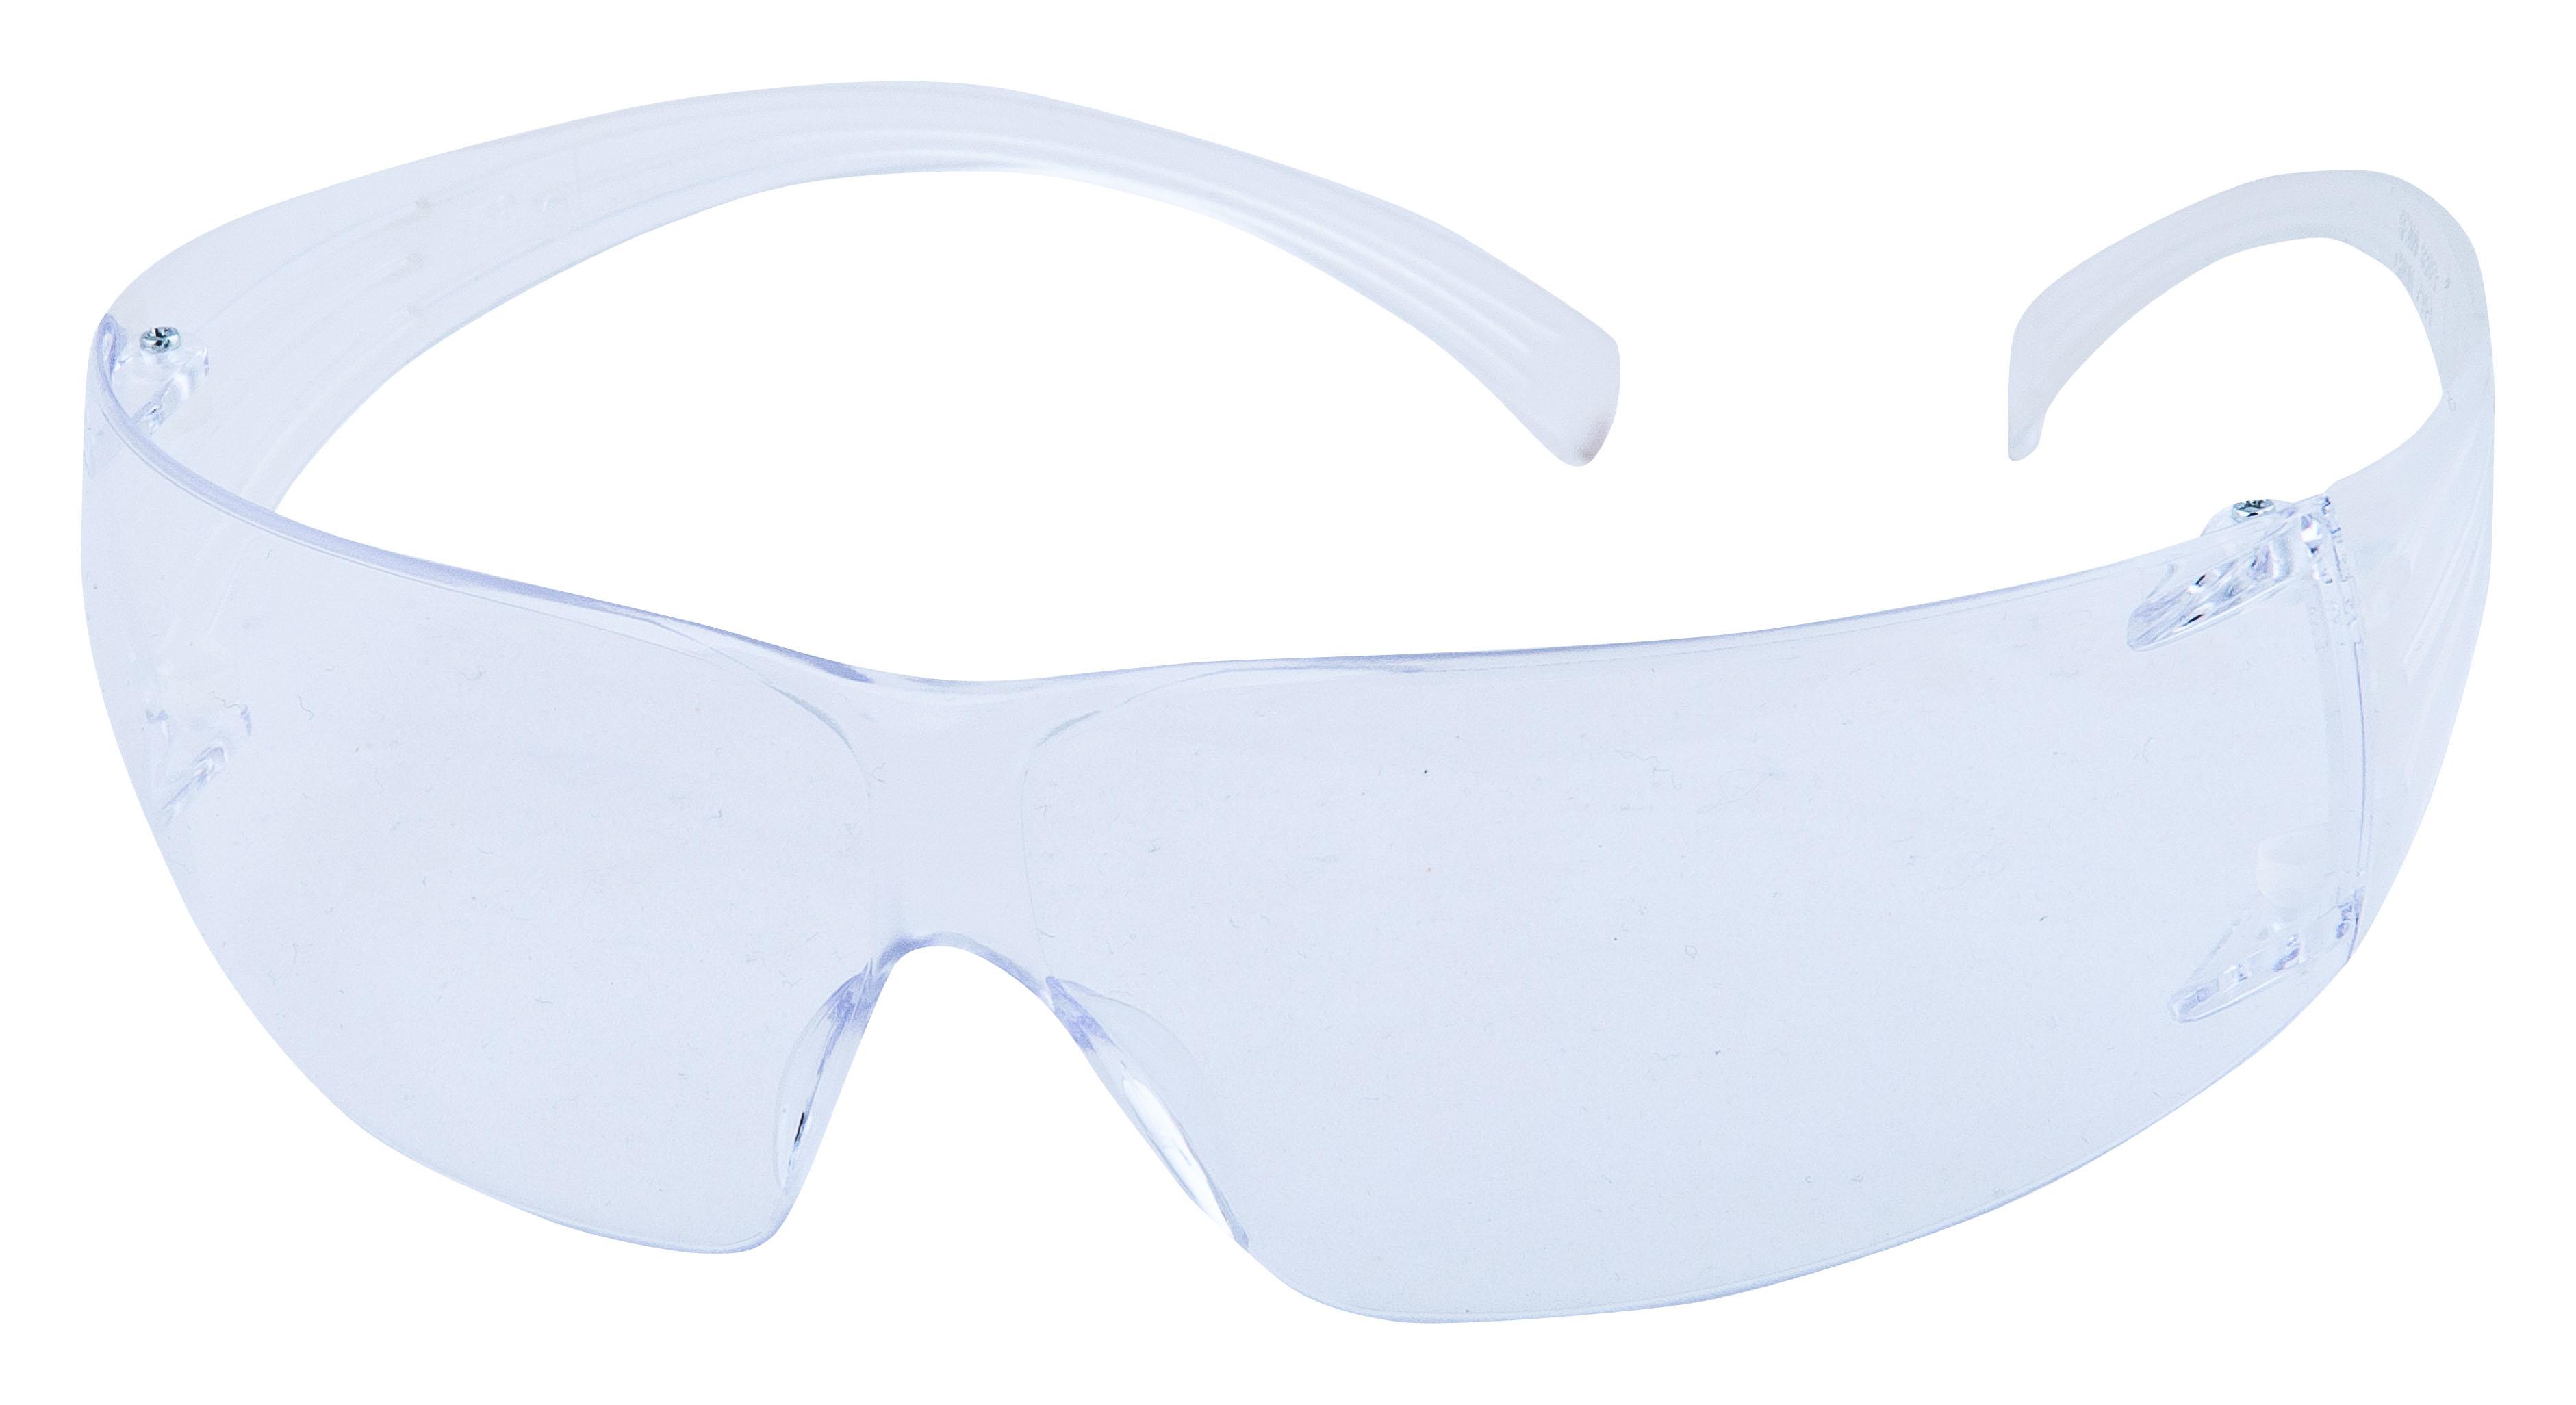 Brýle SecureFit TM čiré SF 201